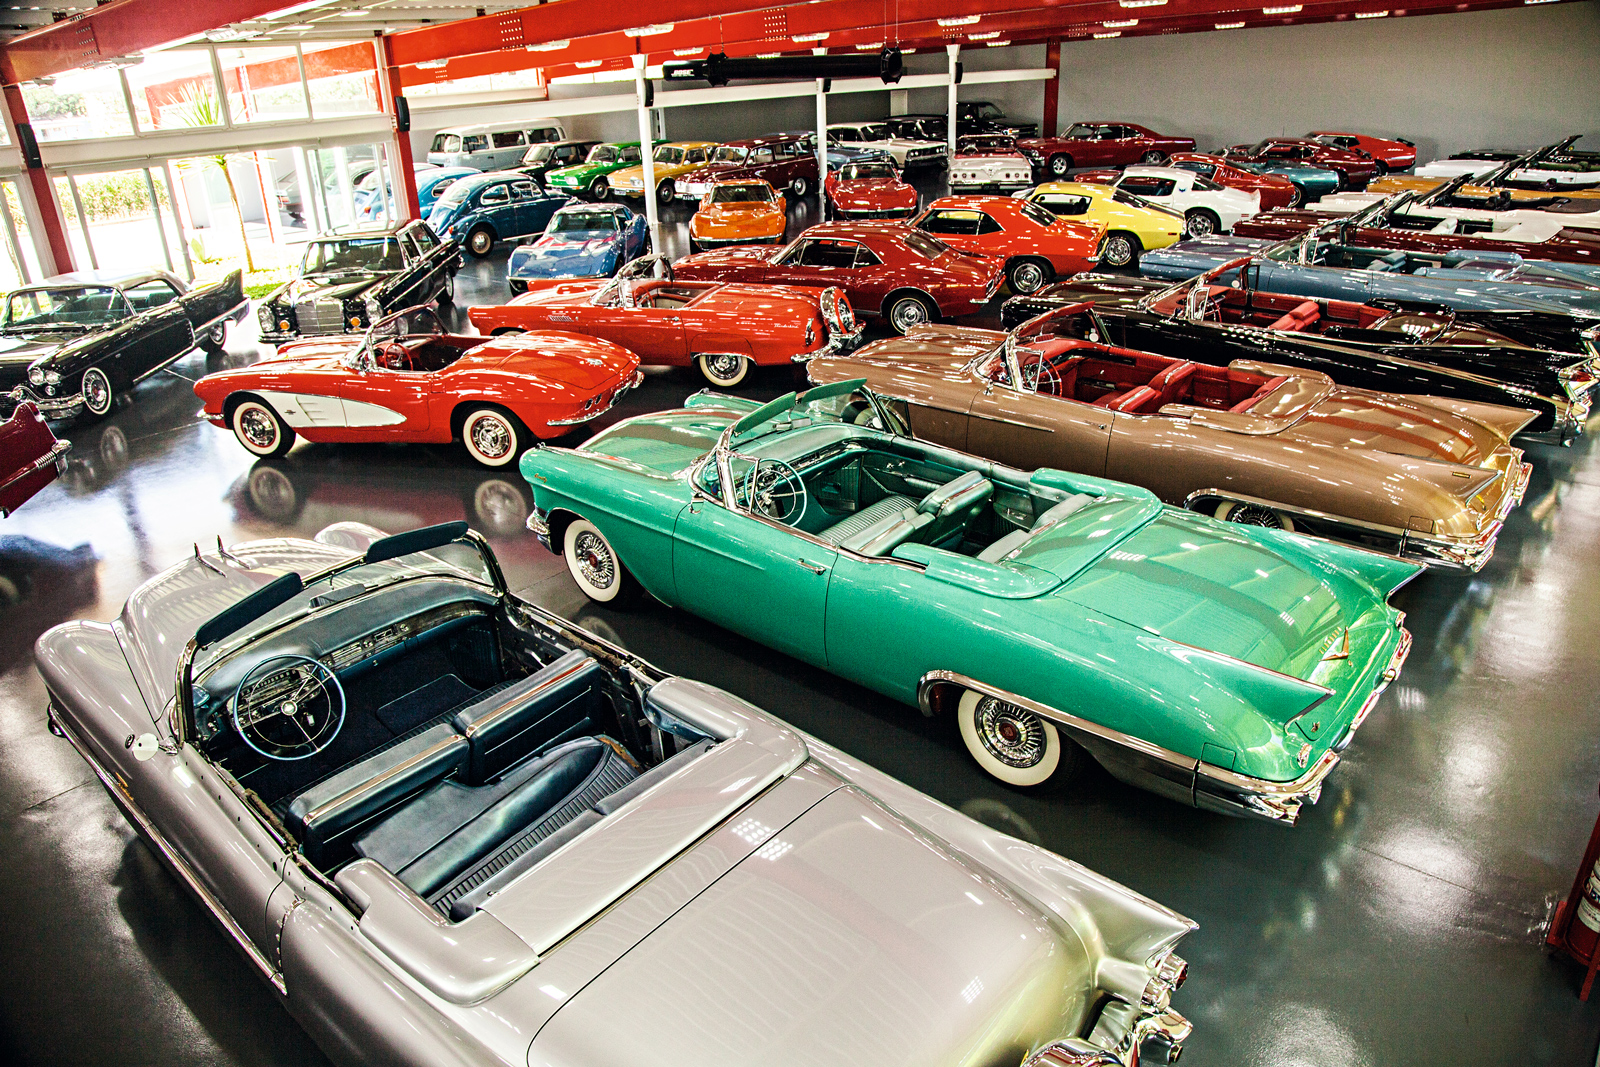 A coleção foi sendo construída ao longo de 40 anos